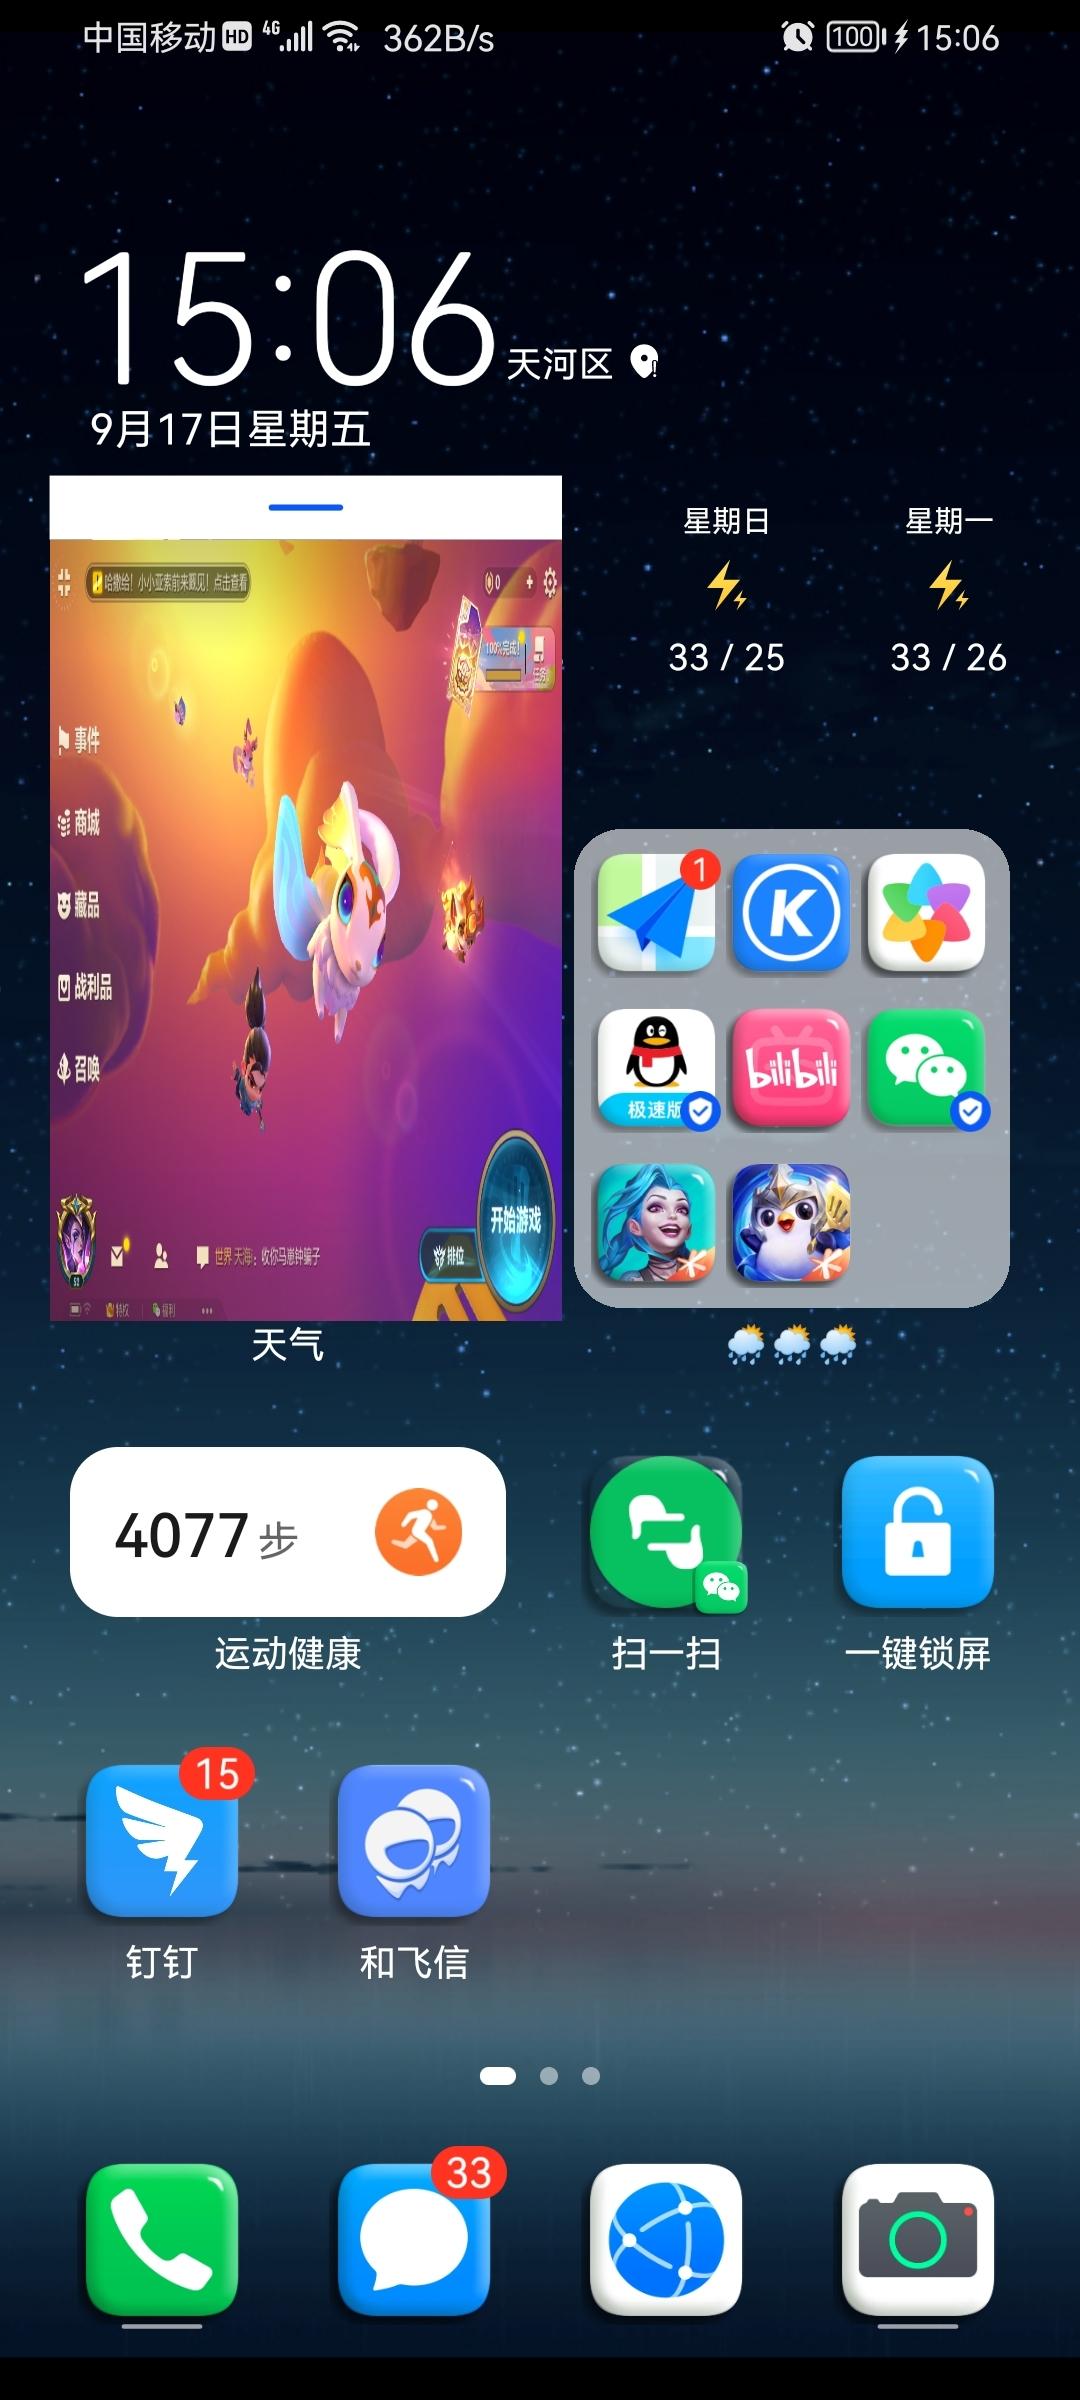 Screenshot_20210917_150620_com.tencent.jkchess.jpg